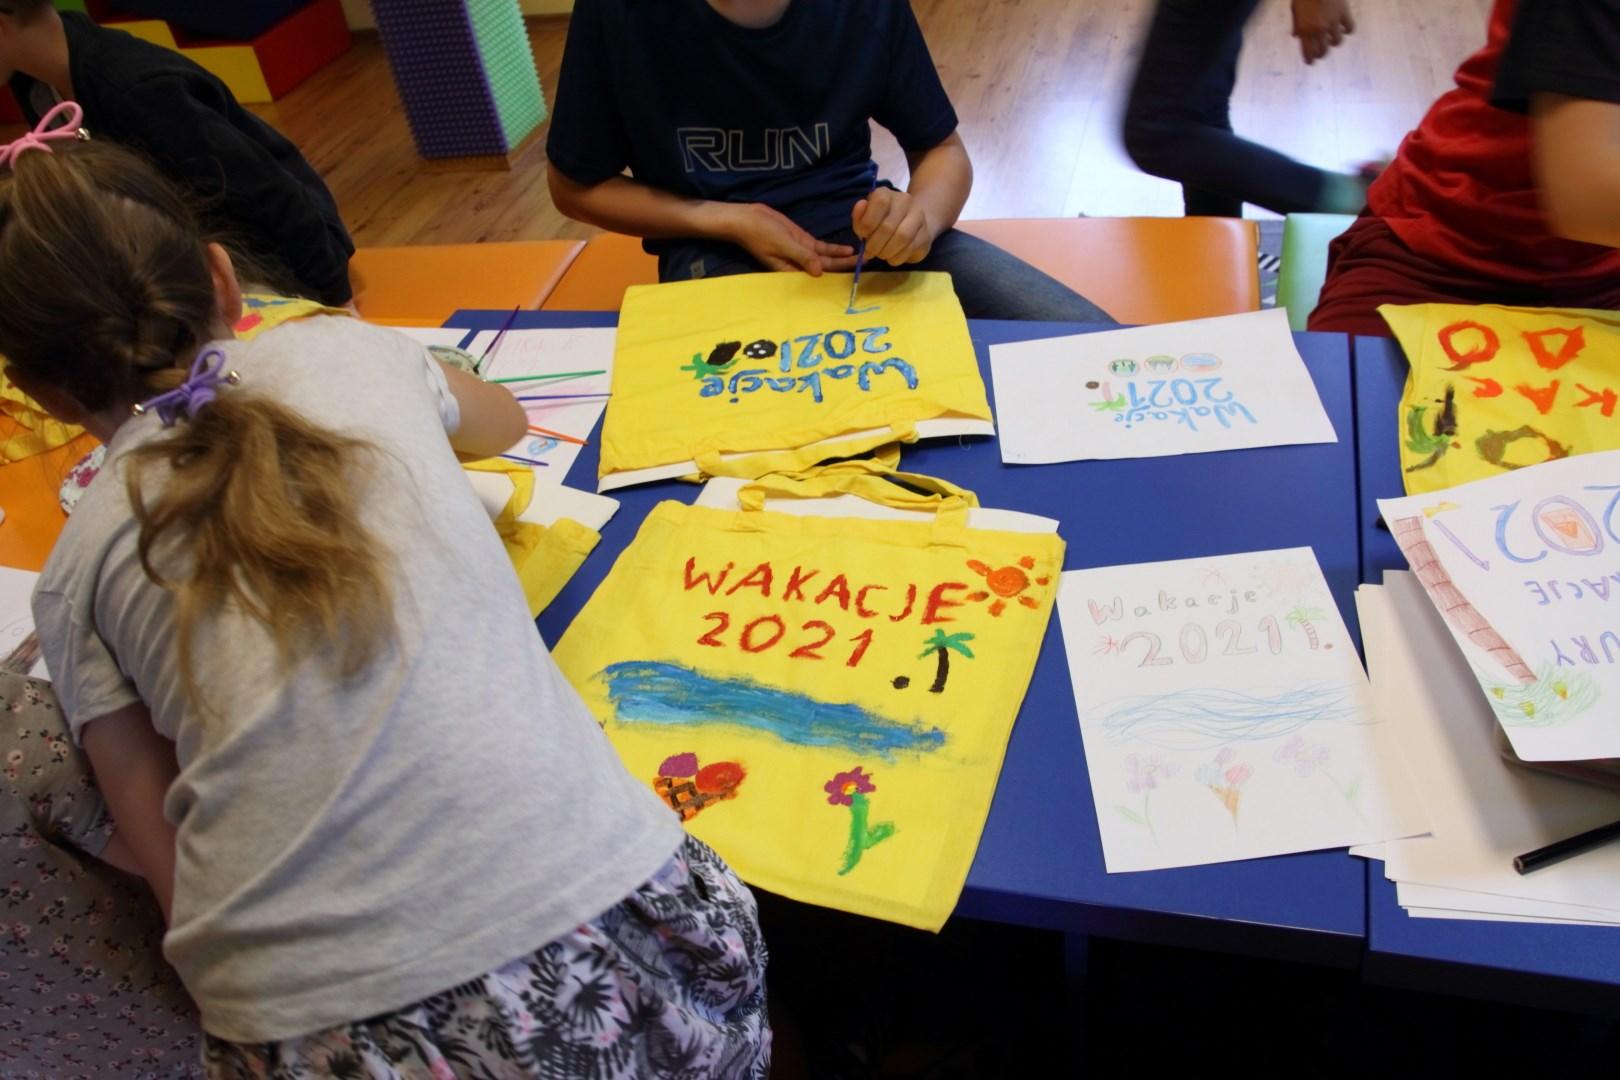 torby  w koloże żółtym leżące na stole. Dzieci wykonują na nich swoje rysunki, malując farbami